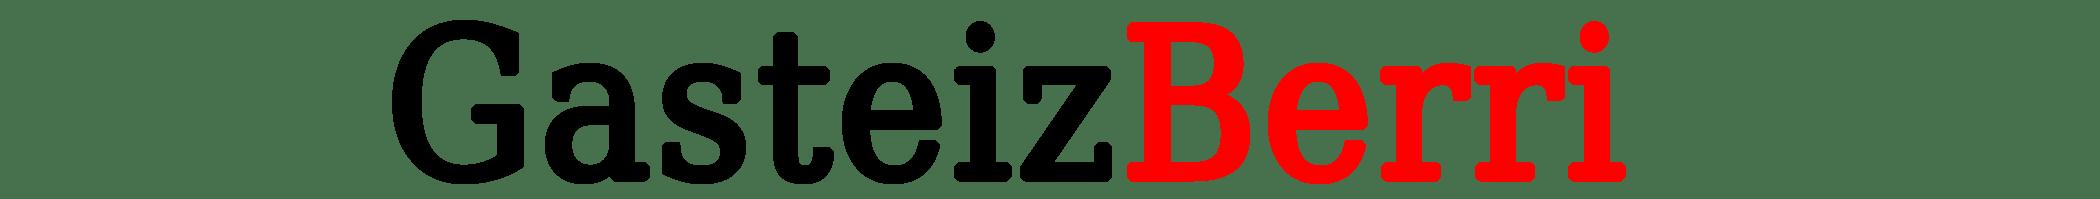 GasteizBerri.com